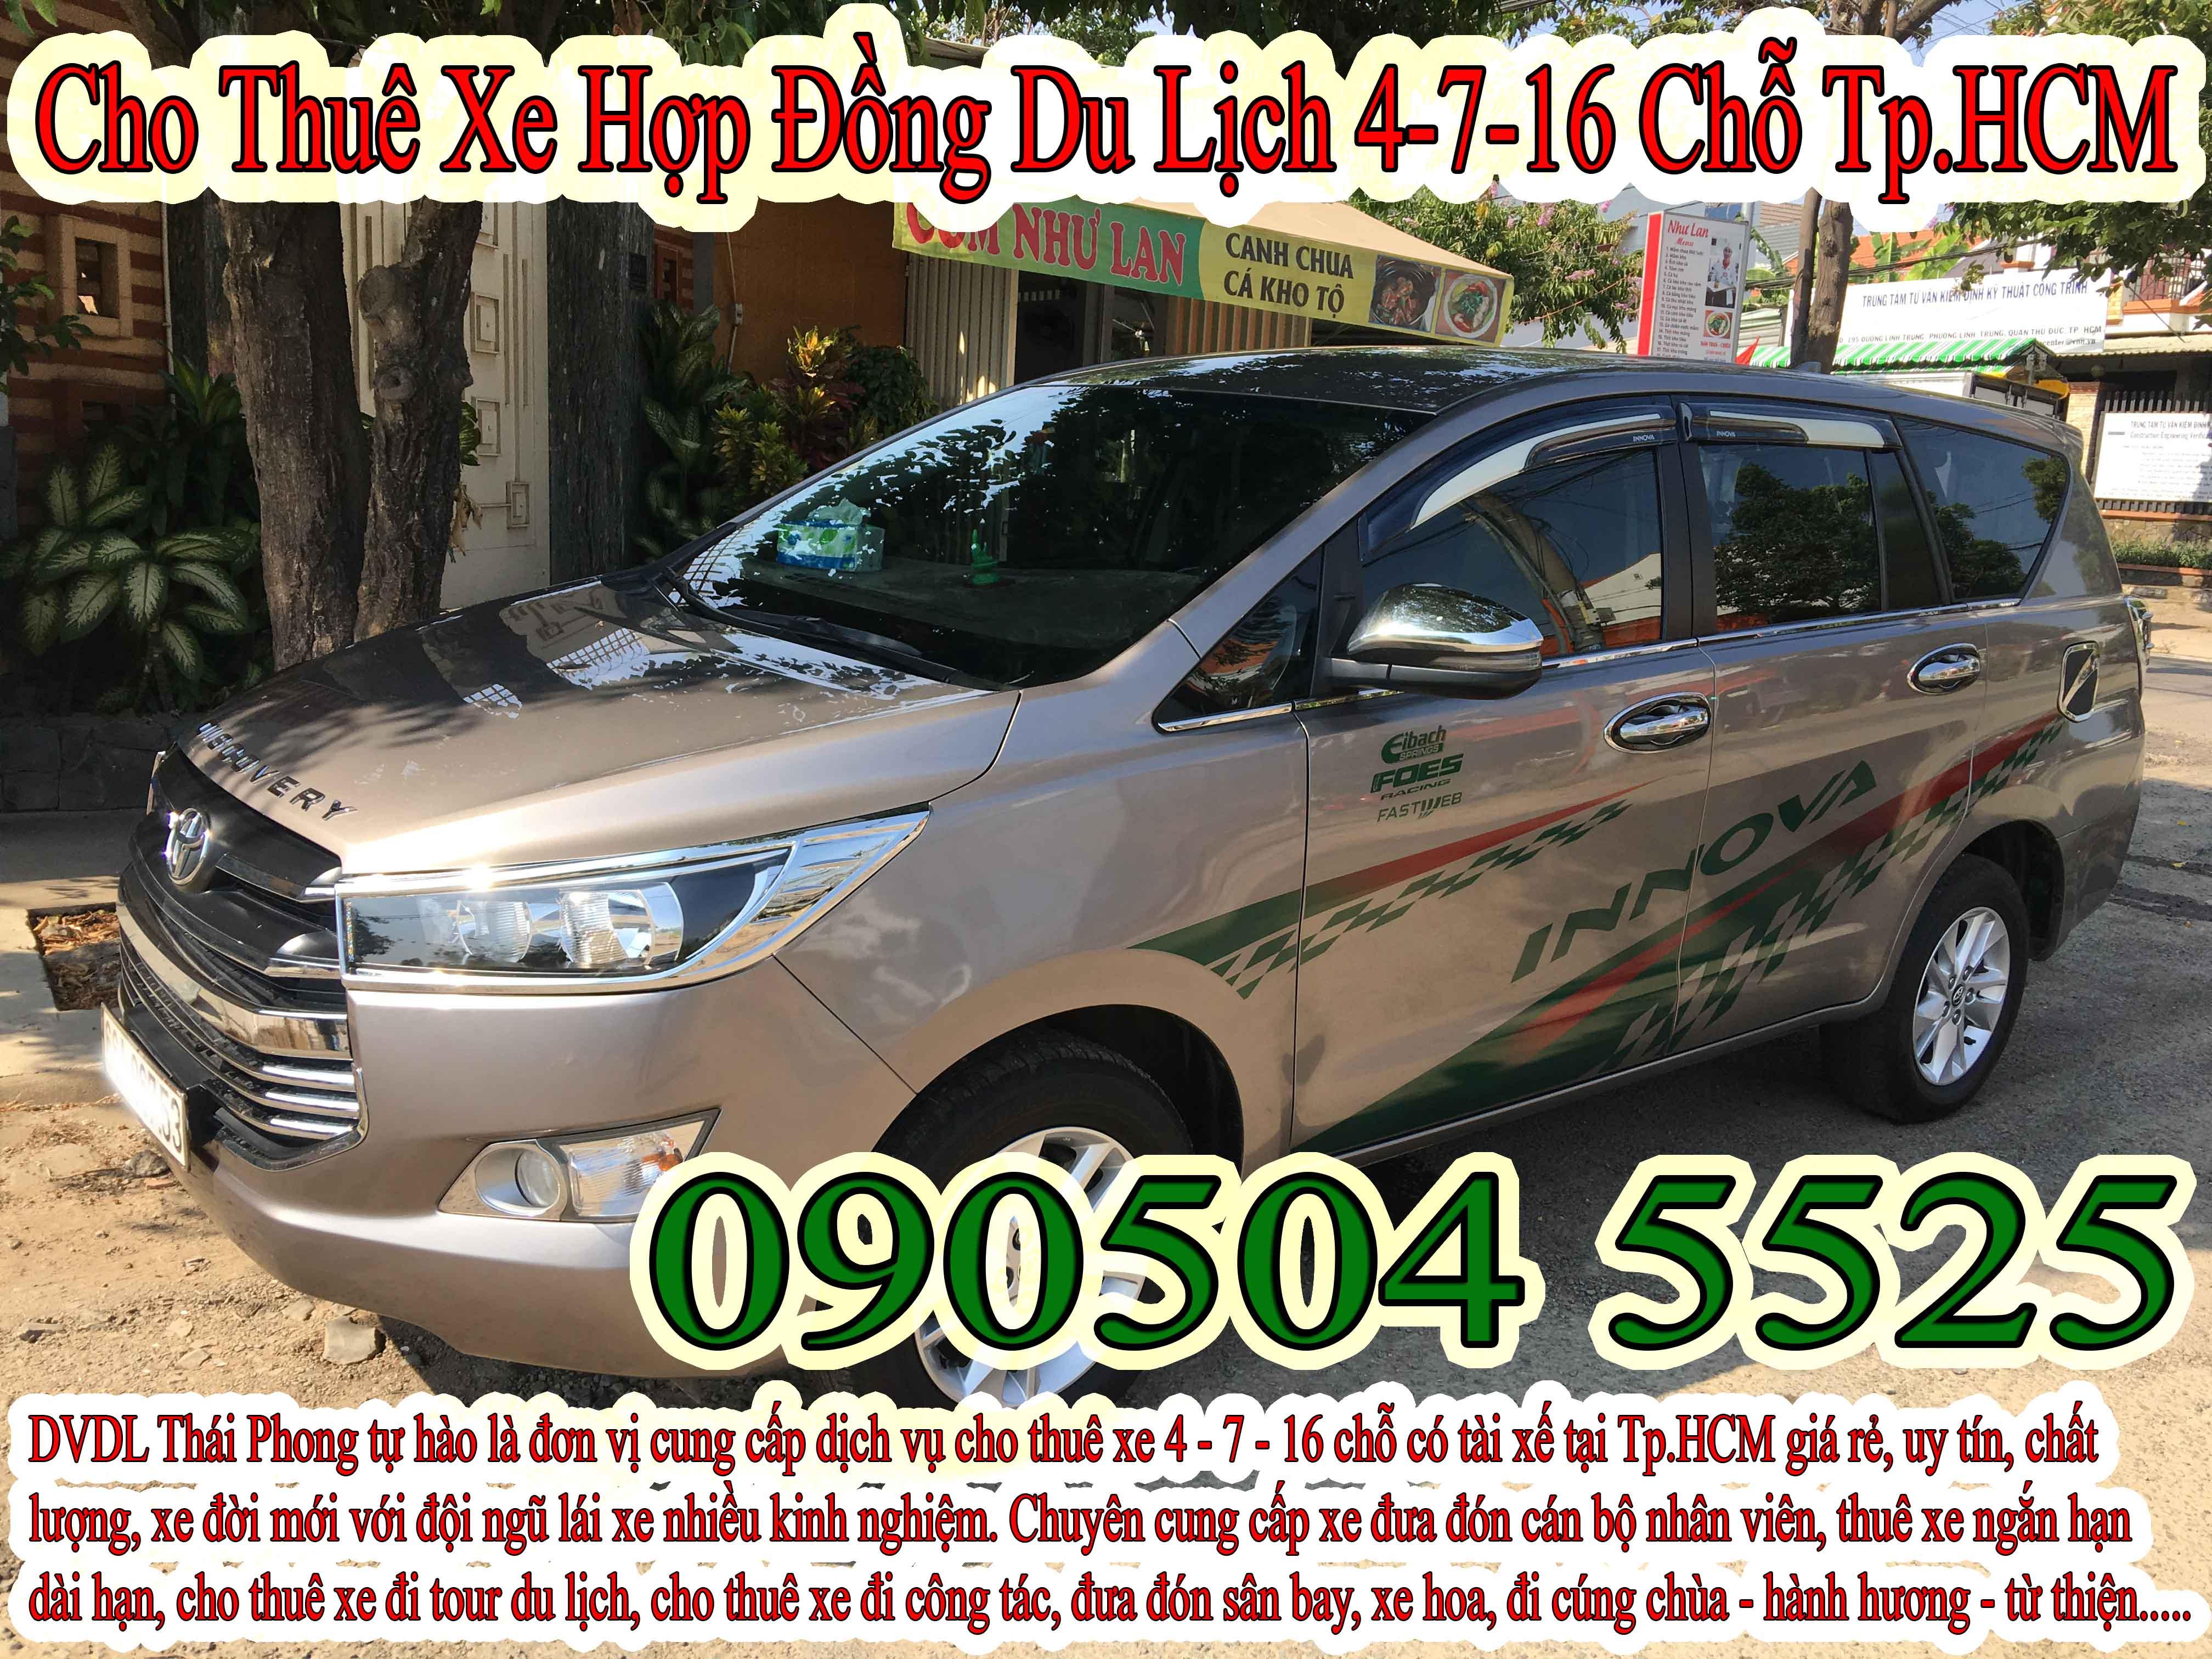 Giá thuê xe hợp đồng du lịch 7 chỗ tại Bệnh viện ở Sài Gòn